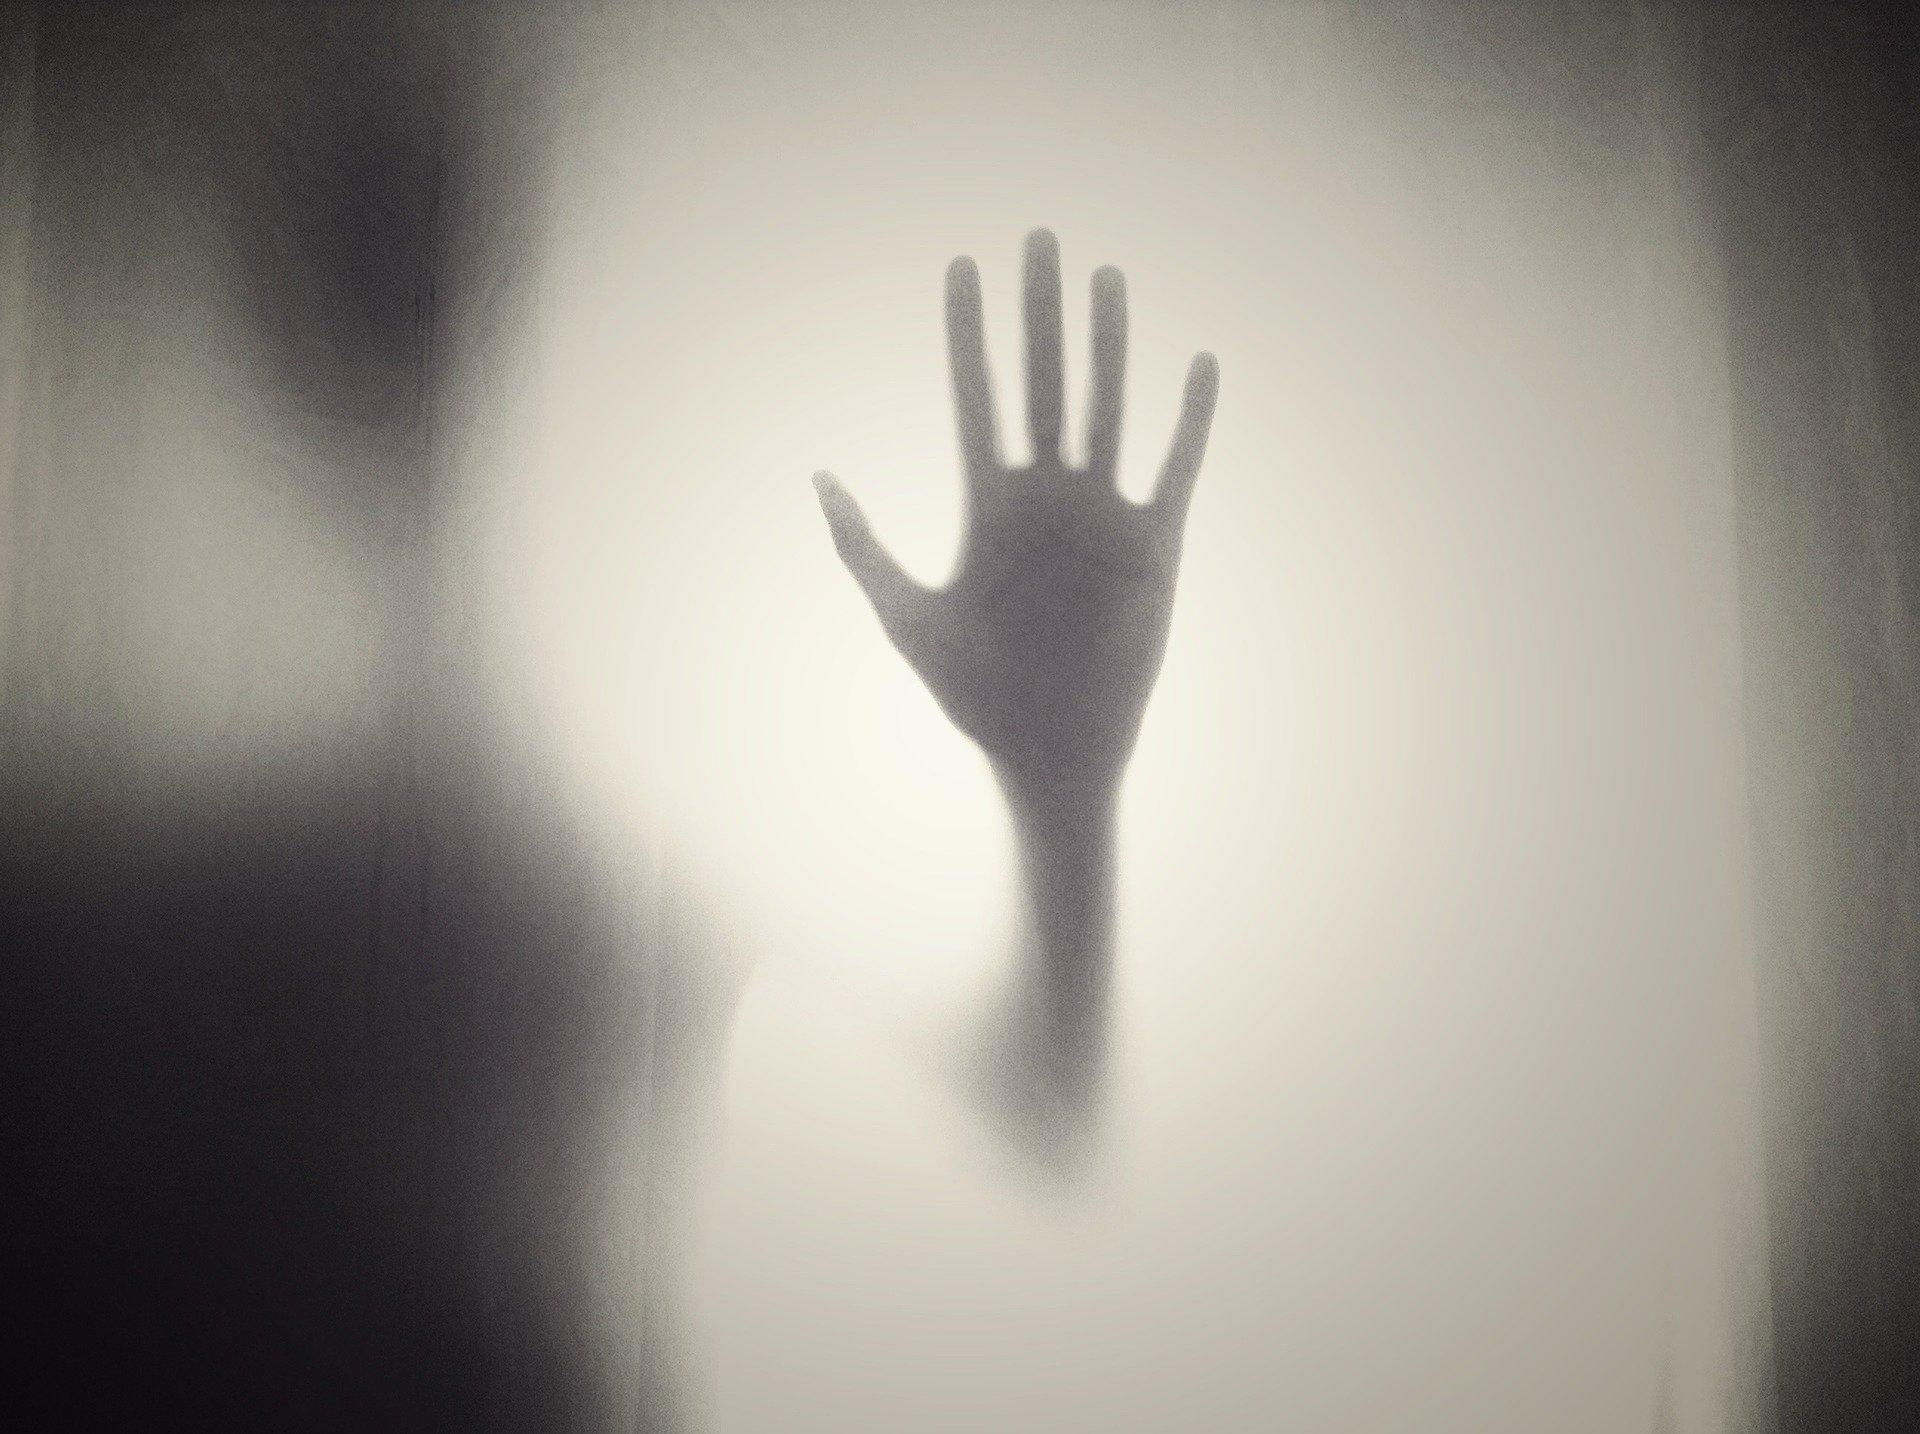 ТОП-11 фильмов ужасов ссамыми эффектными трюками